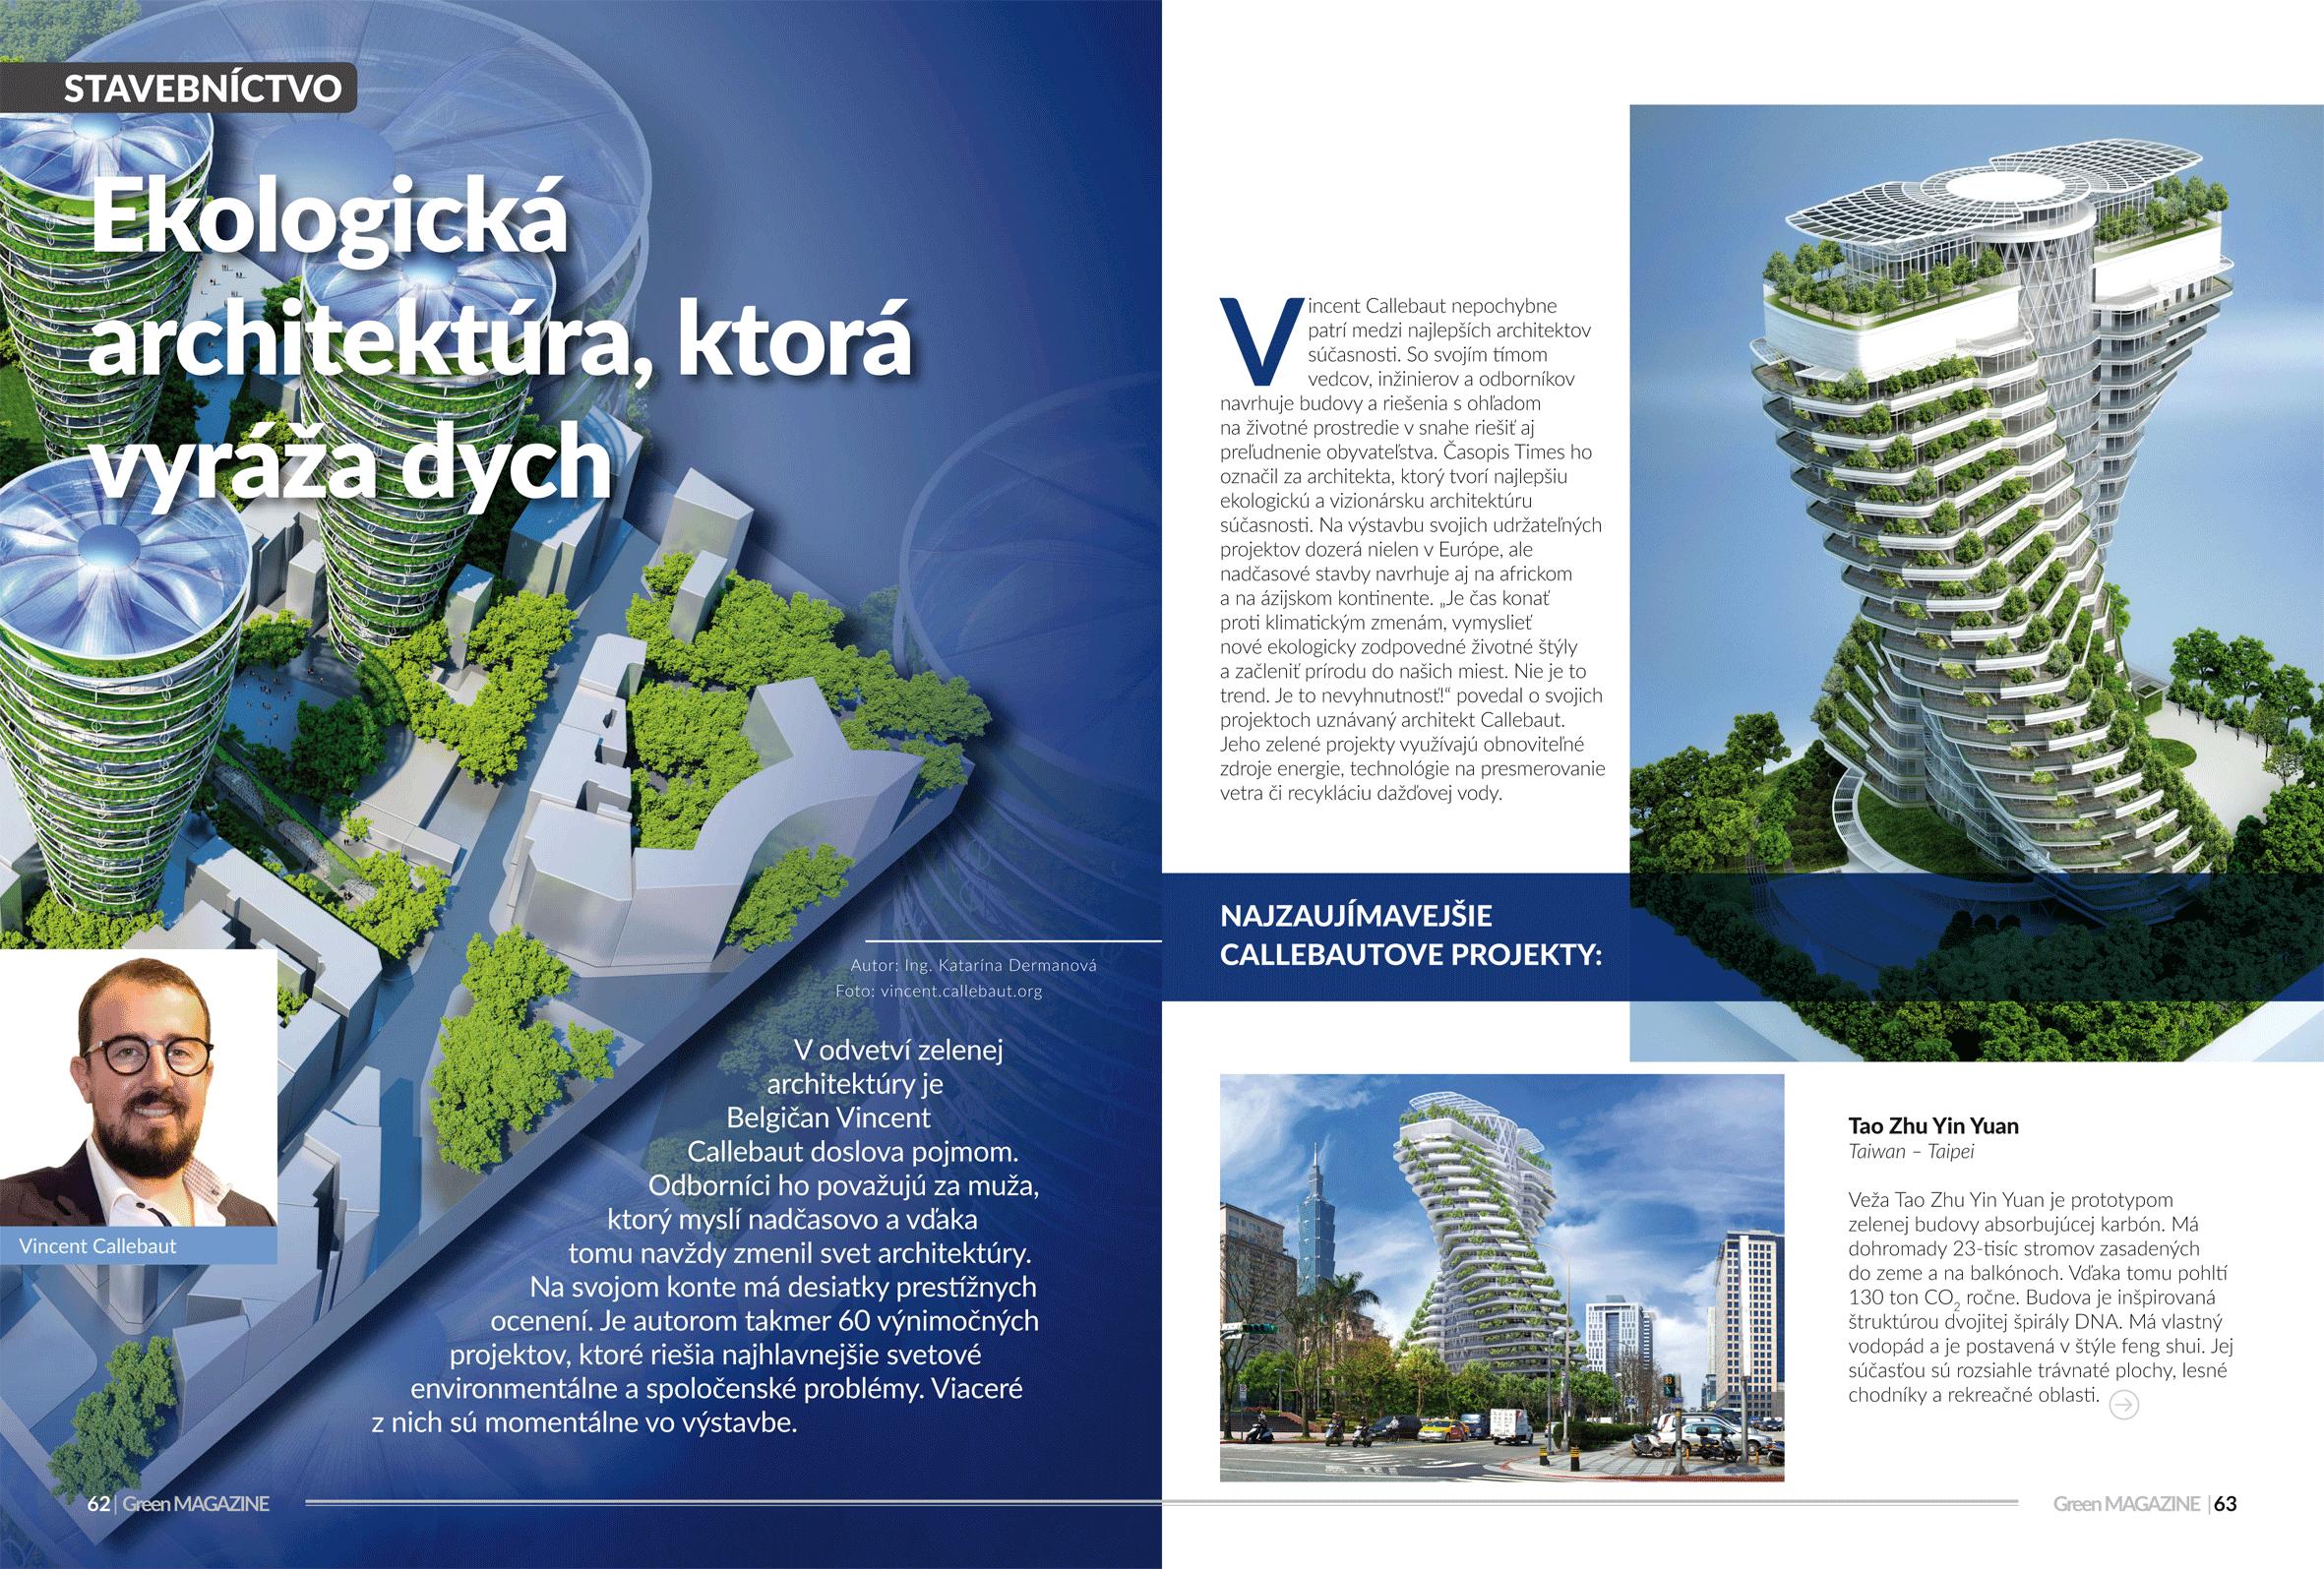 Vincent Callebaut, ekologická architektúra